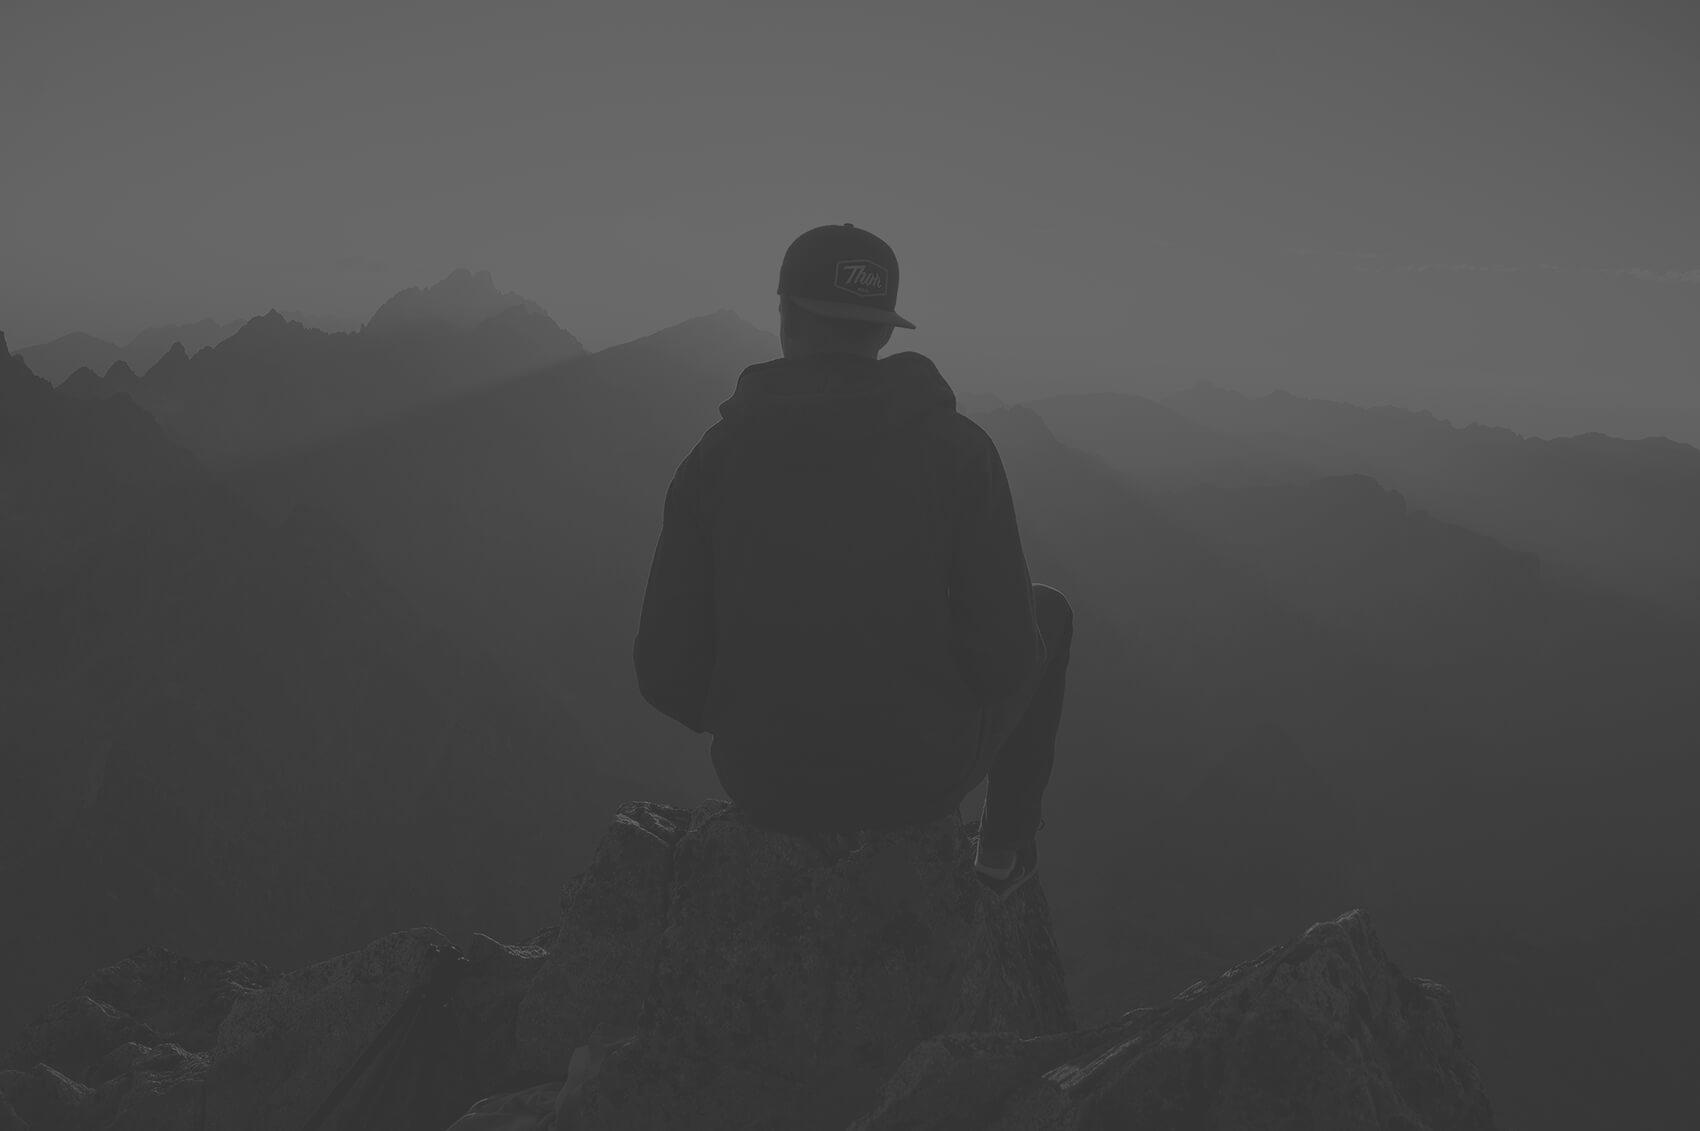 homme dans le brouillard partir loin